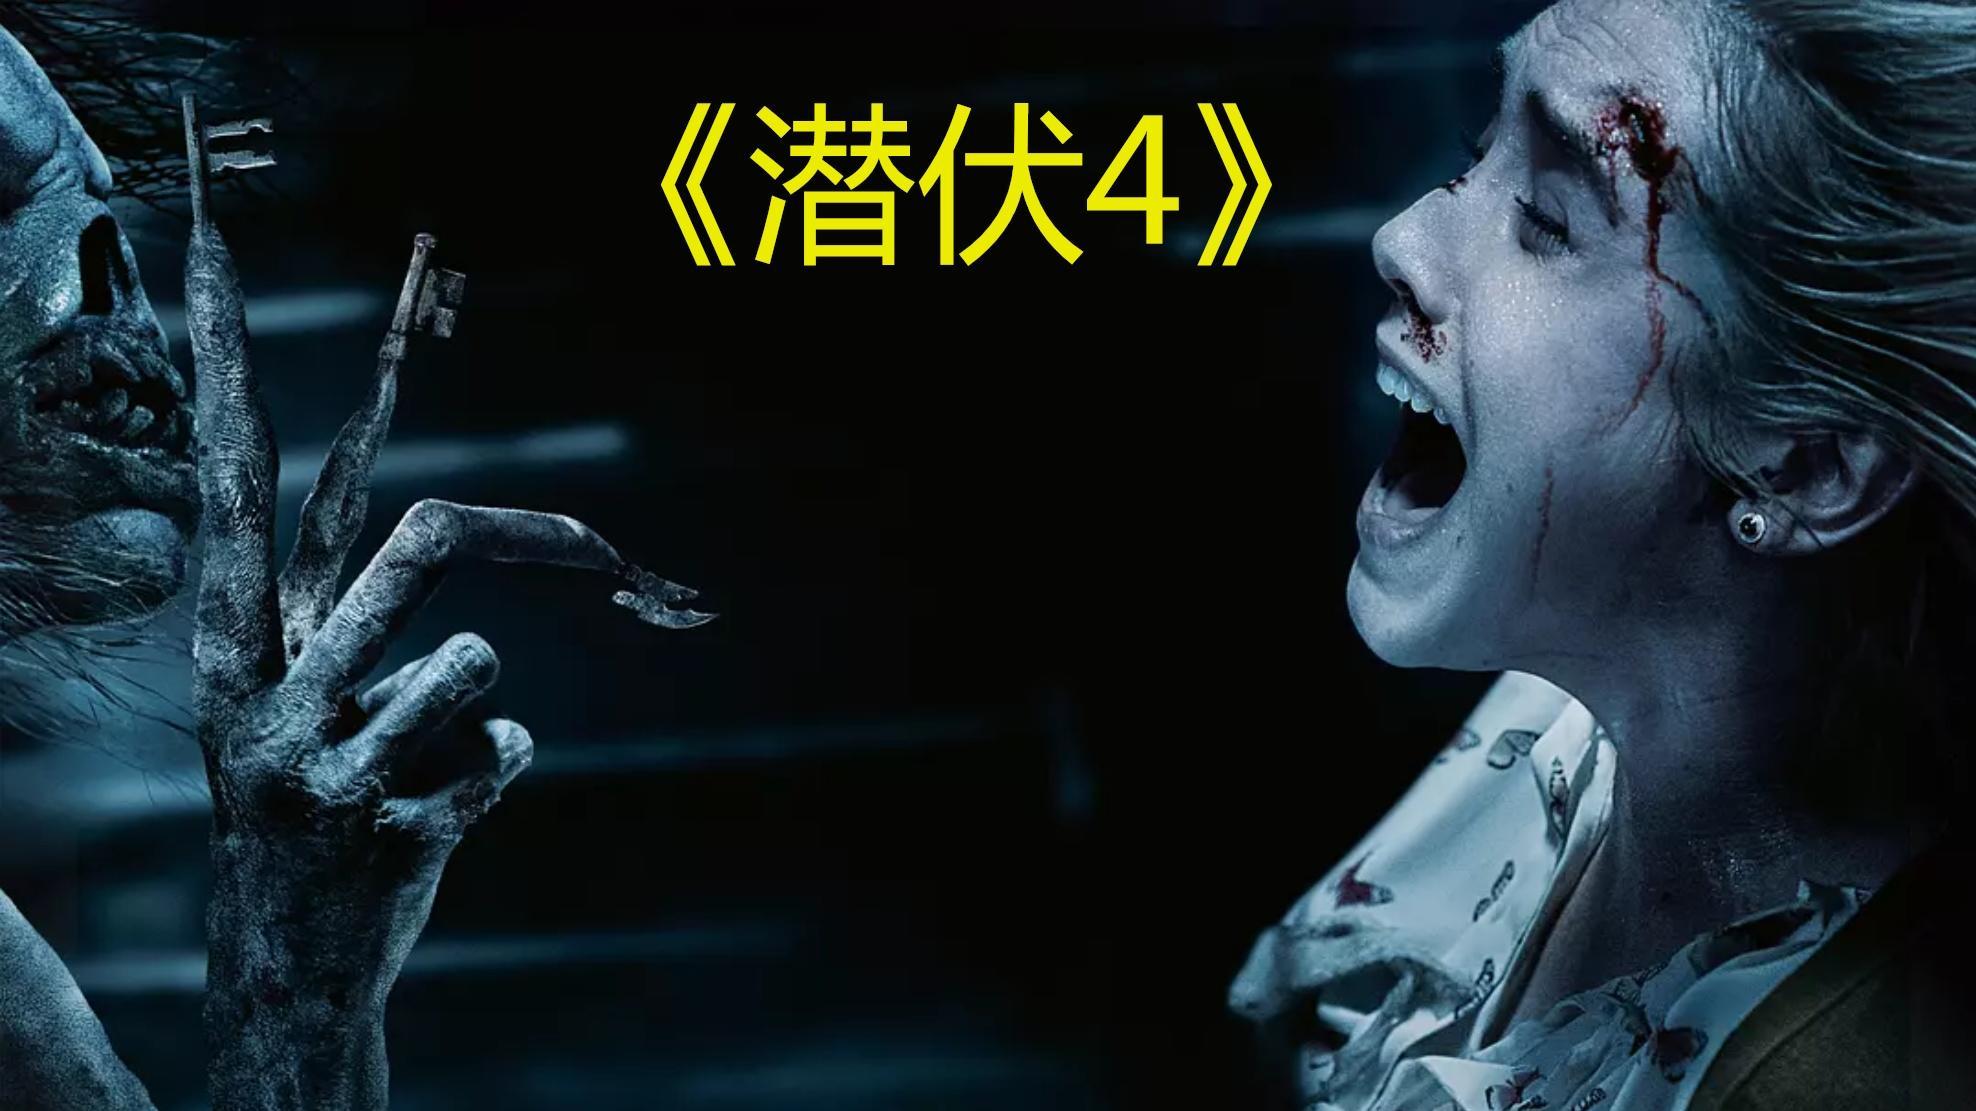 #惊悚看电影#惊悚恐怖电影:女孩受到恶魔蛊惑打开一扇门,却害死了自己的母亲